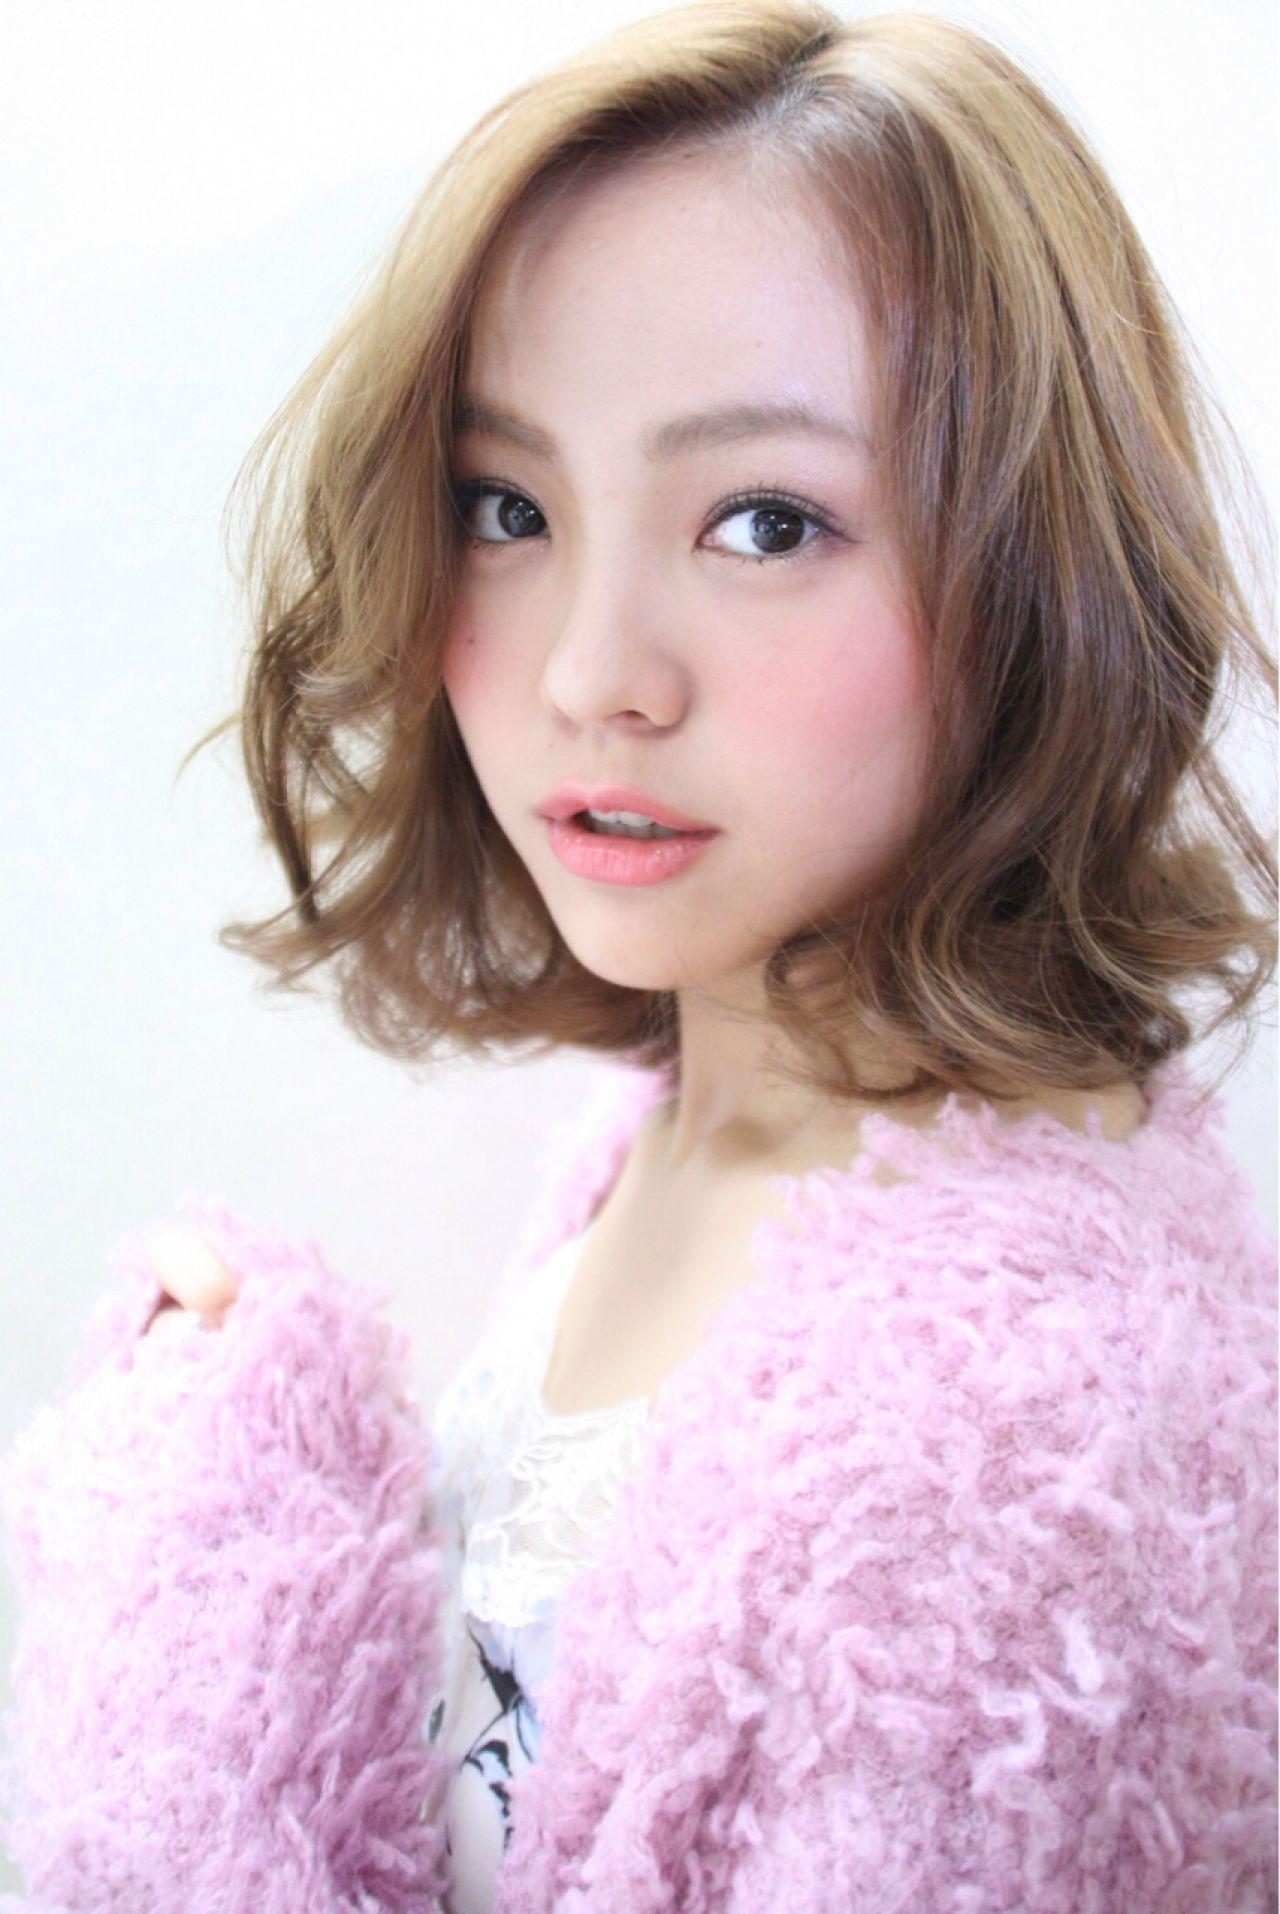 小顔に見せる効果抜群。自然でキュートな印象を生み出す魔法の前髪♡ Yusuke Miichi